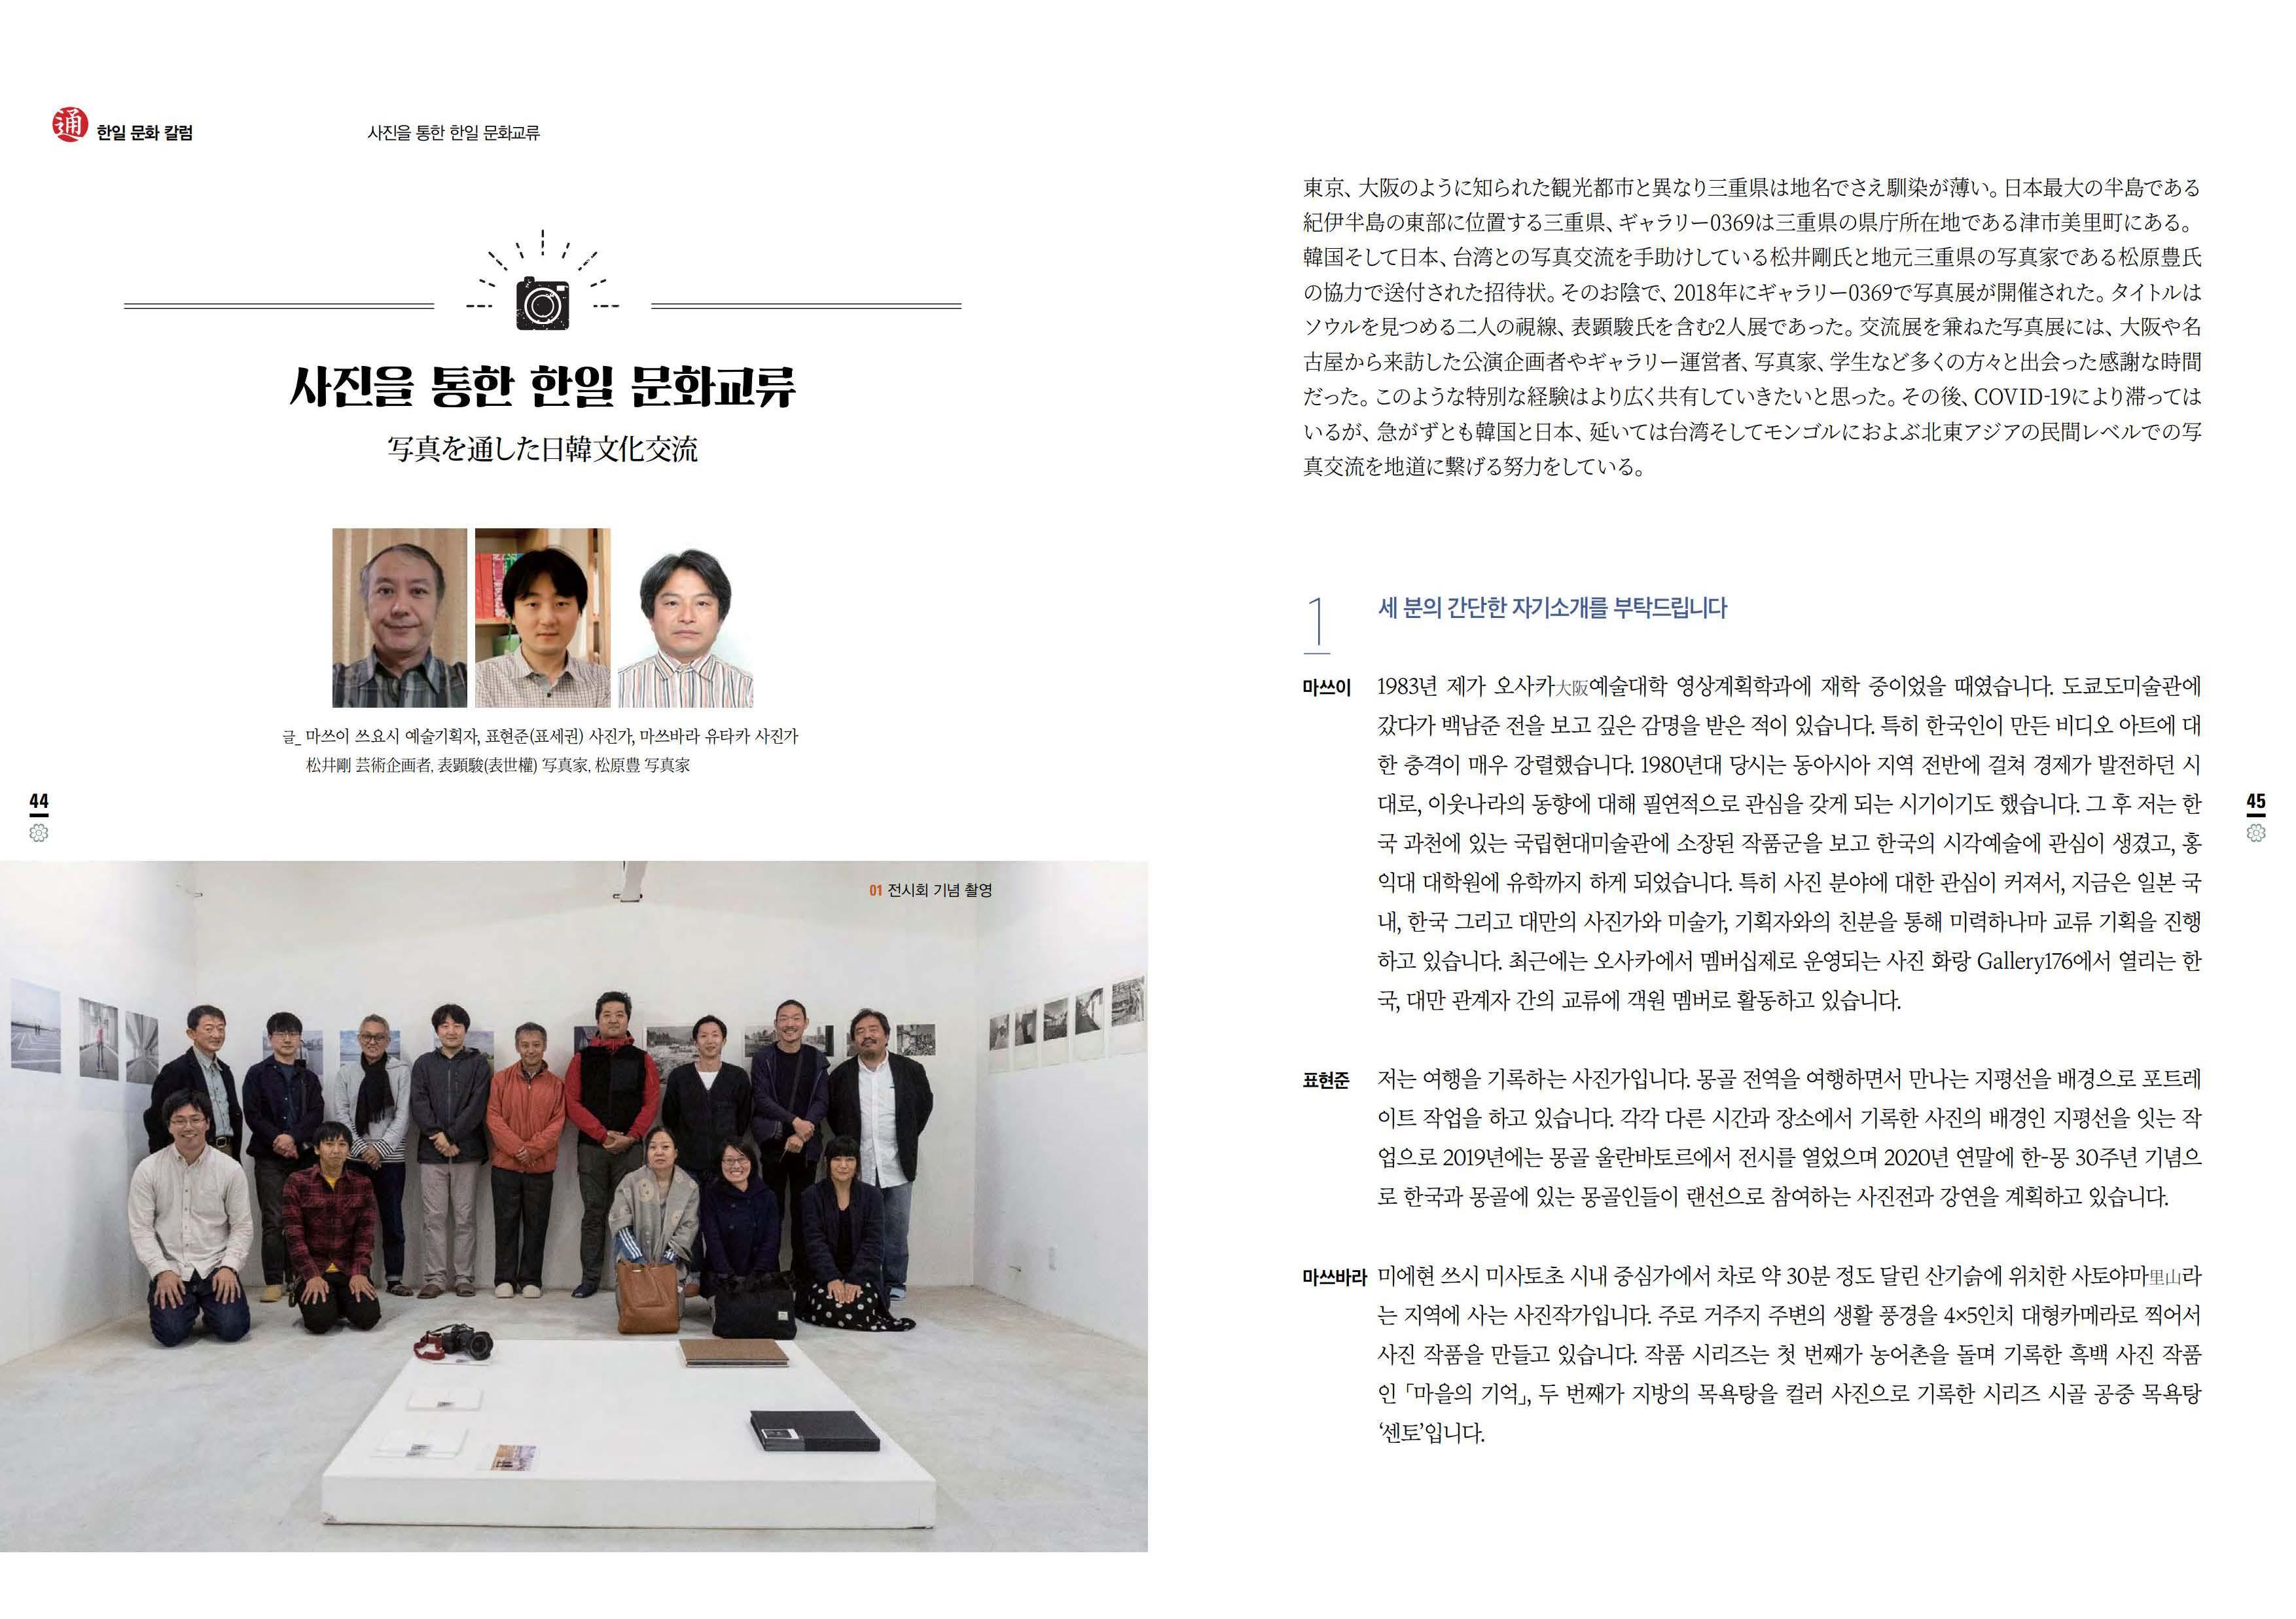 2020 朝鮮通信社ニュースレターでの日韓写真文化交流紹介